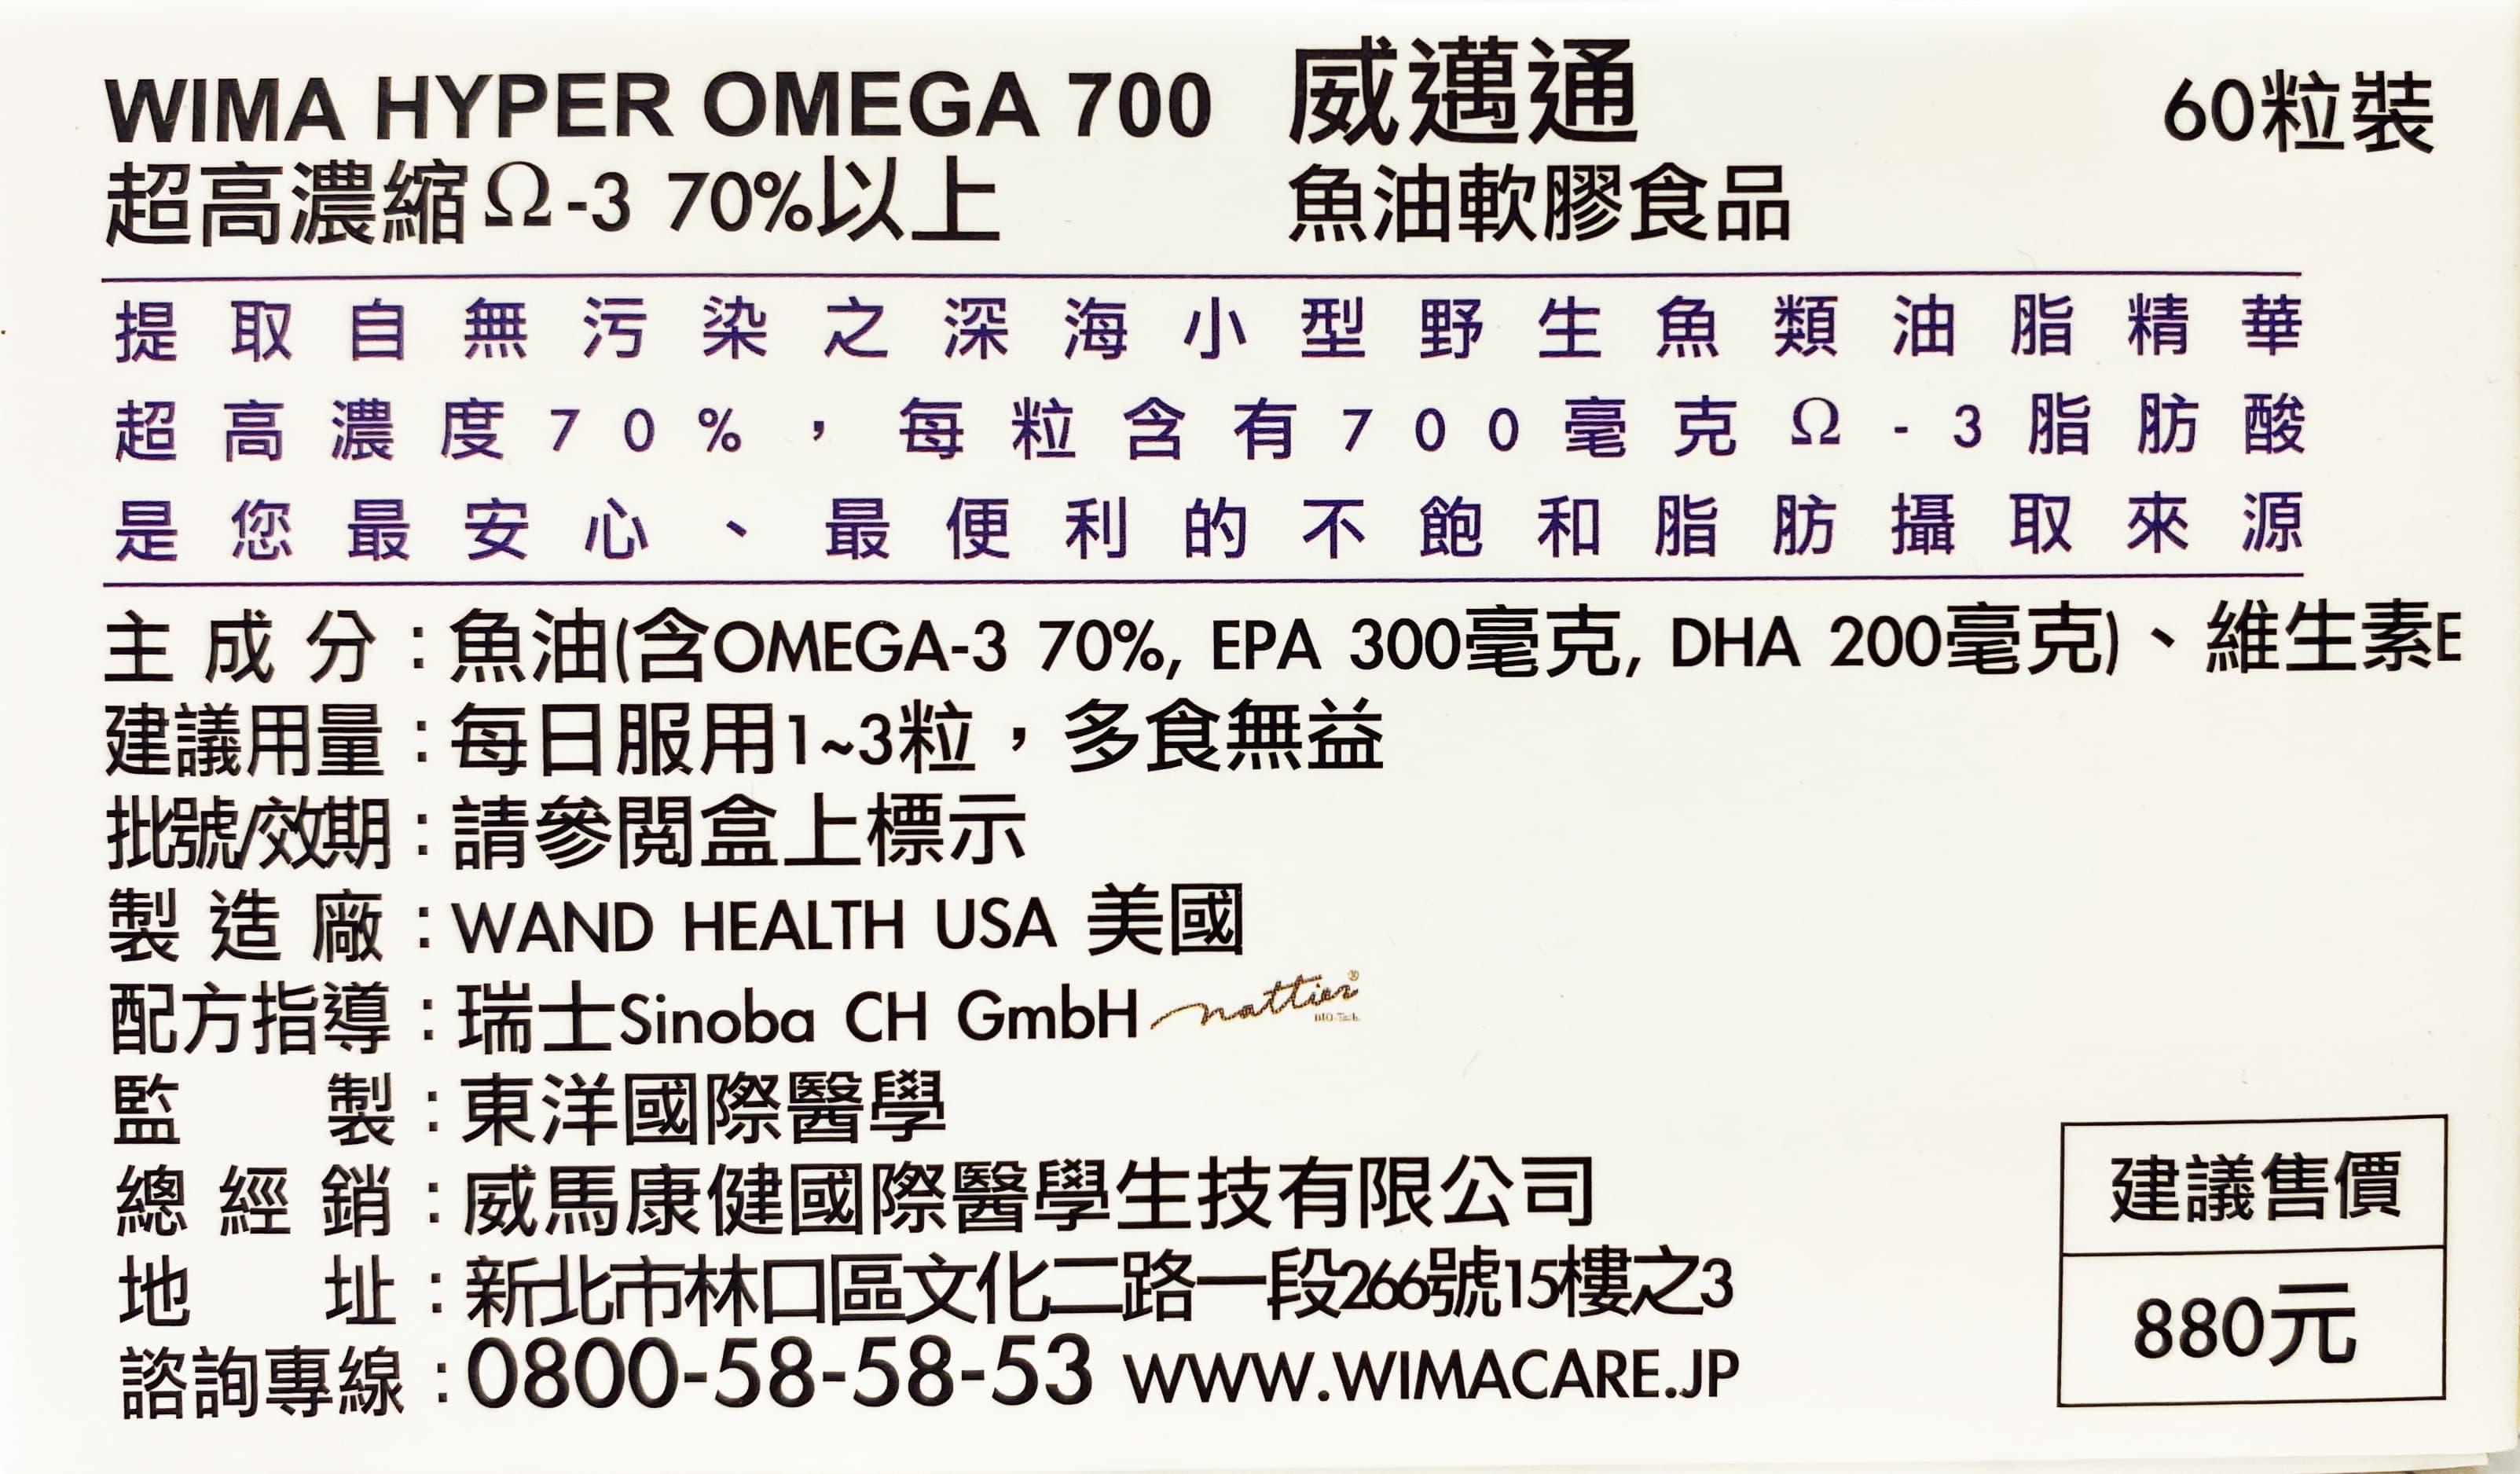 【威馬康健】威邁通 高濃度魚油軟膠囊 60粒|70%超高濃縮魚油【SUPER SALE 樂天購物節 每日10:00開搶$100/$200折價券】